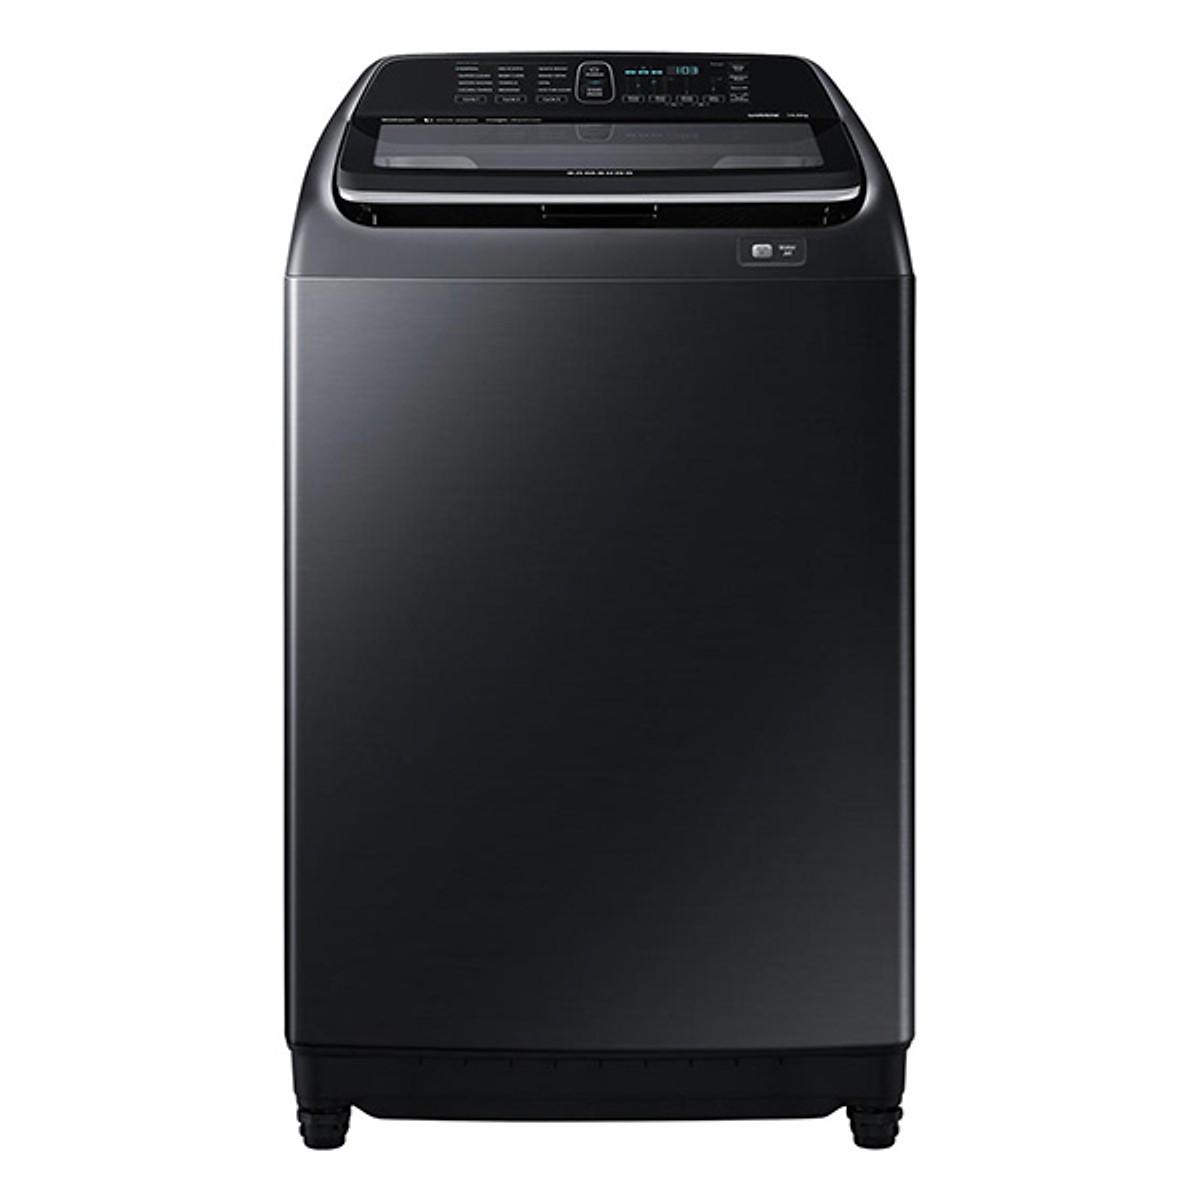 (Review) Máy giặt cửa trên loại nào tốt nhất (2021): Electrolux, Panasonic, Samsung hay Toshiba?